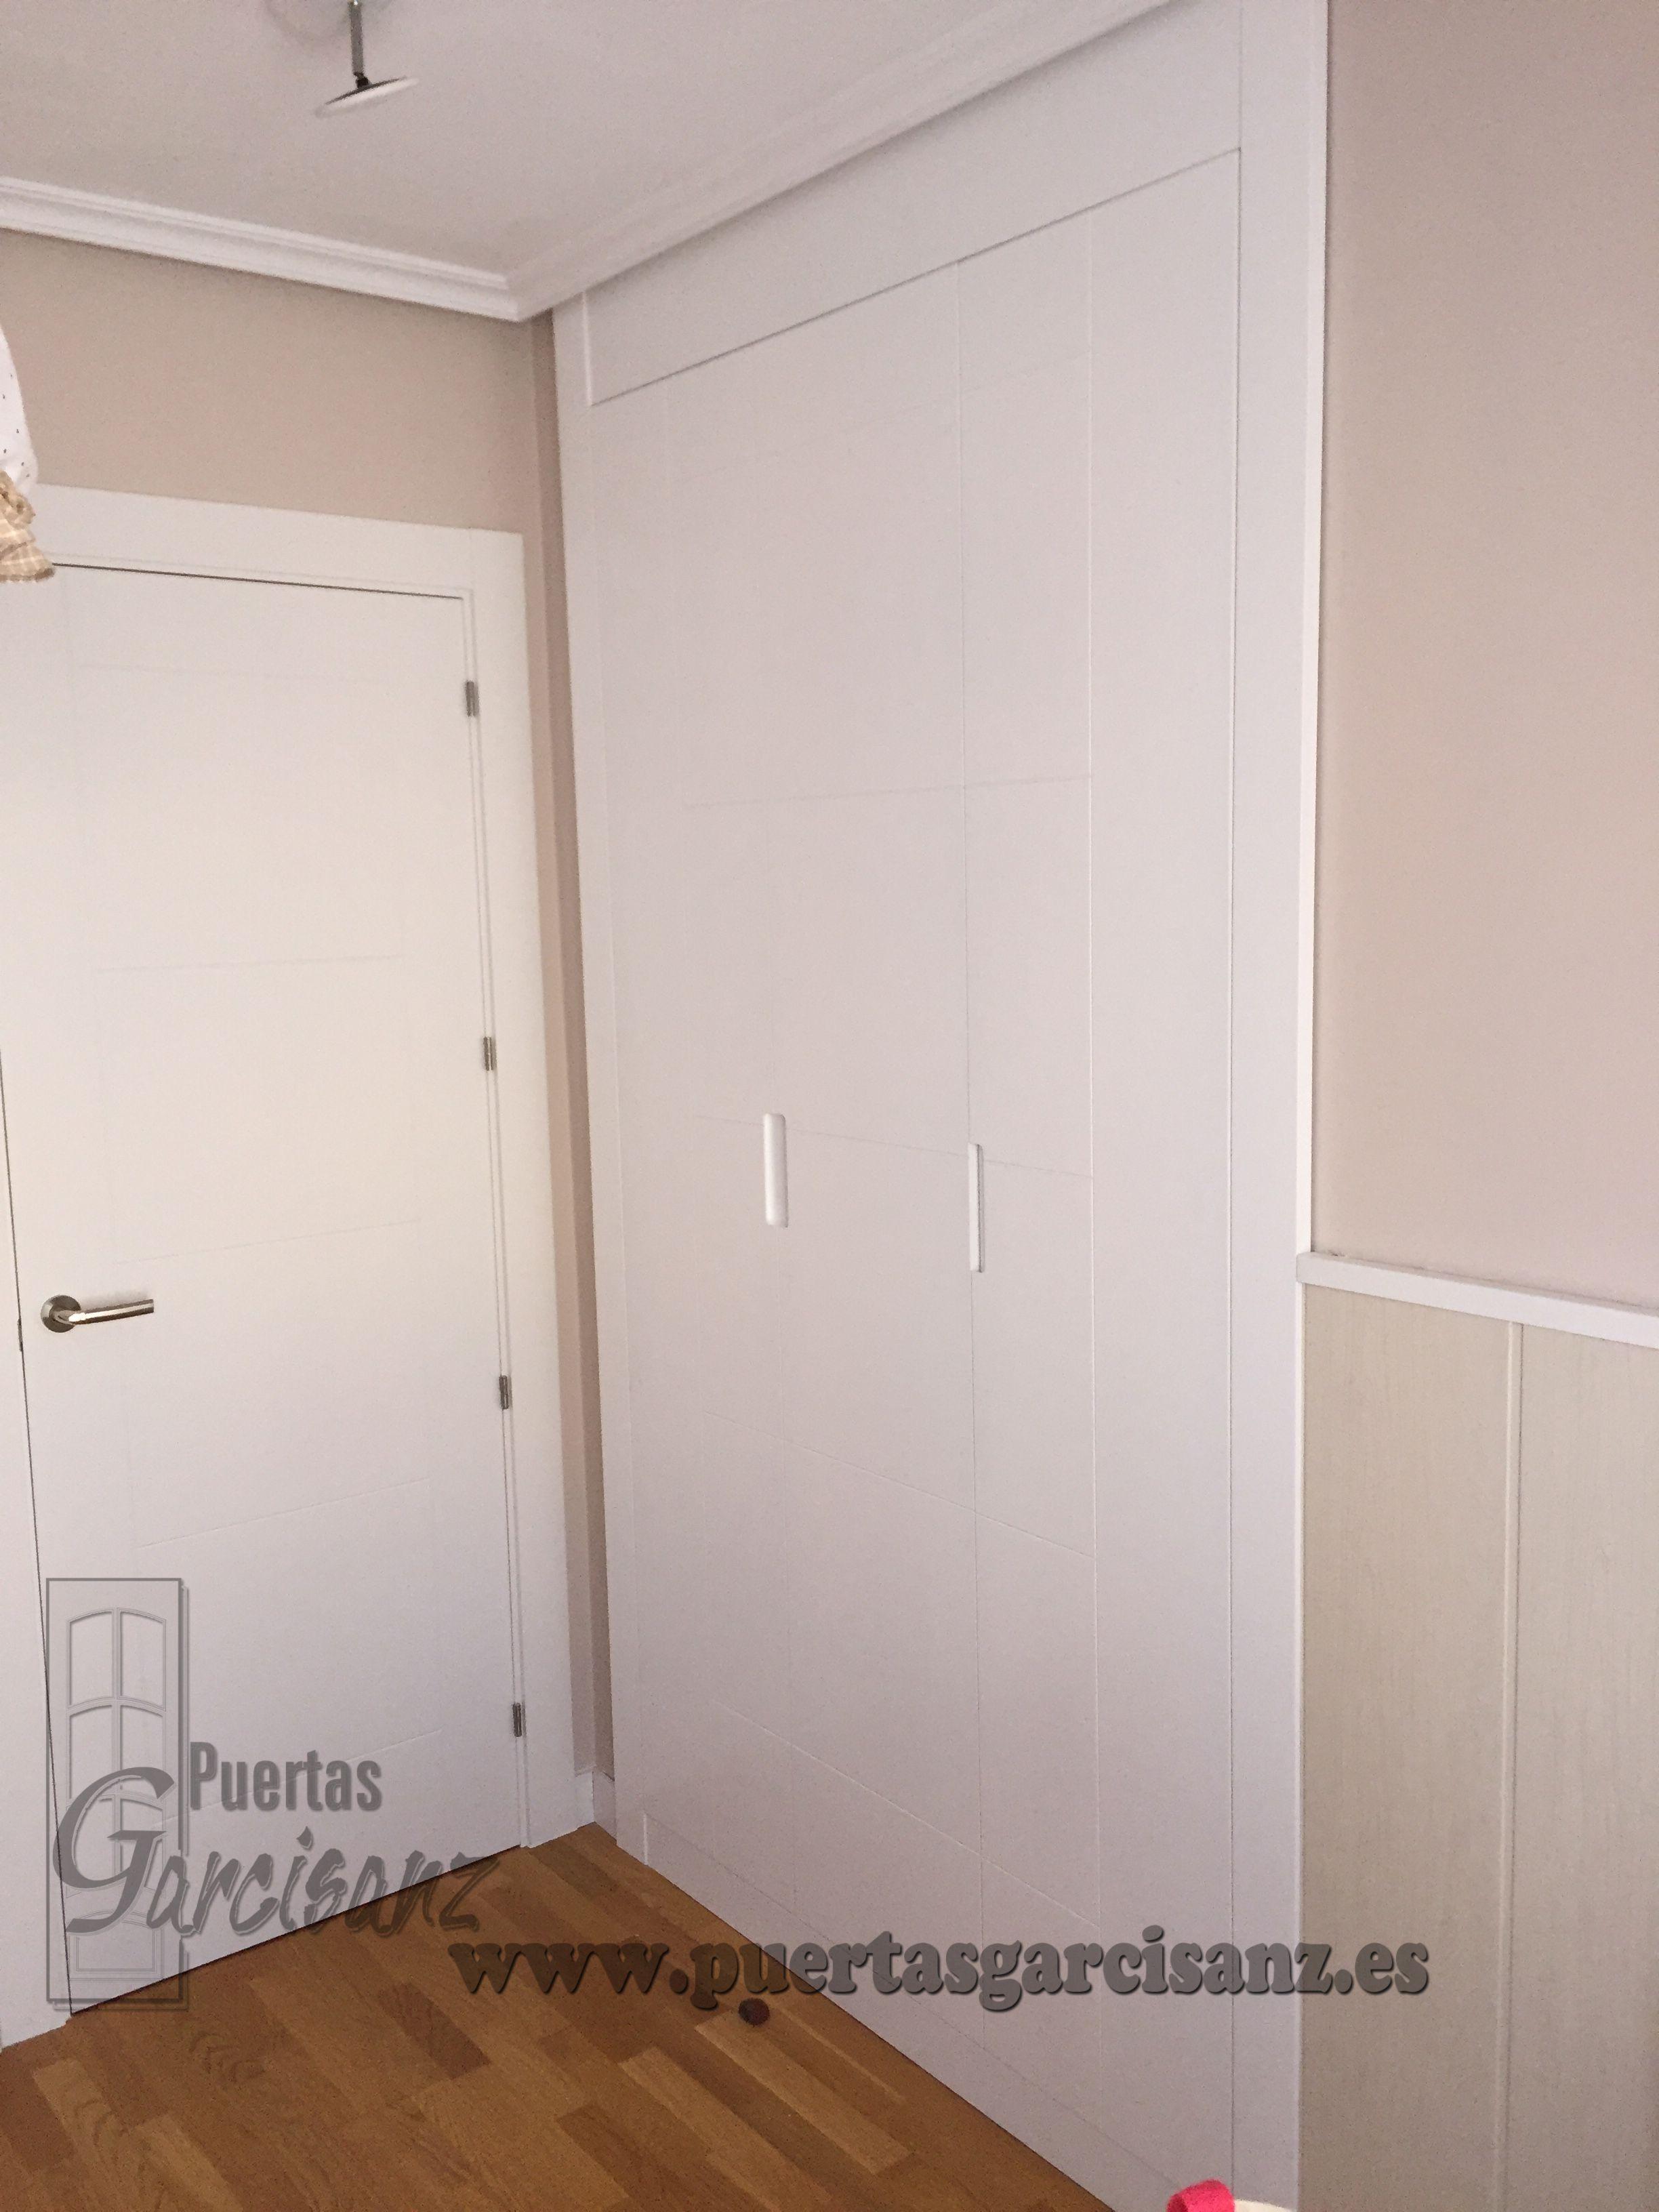 Frente De Armario Lacado En Blanco De 3 Puertas Abatibles Mod 8 P